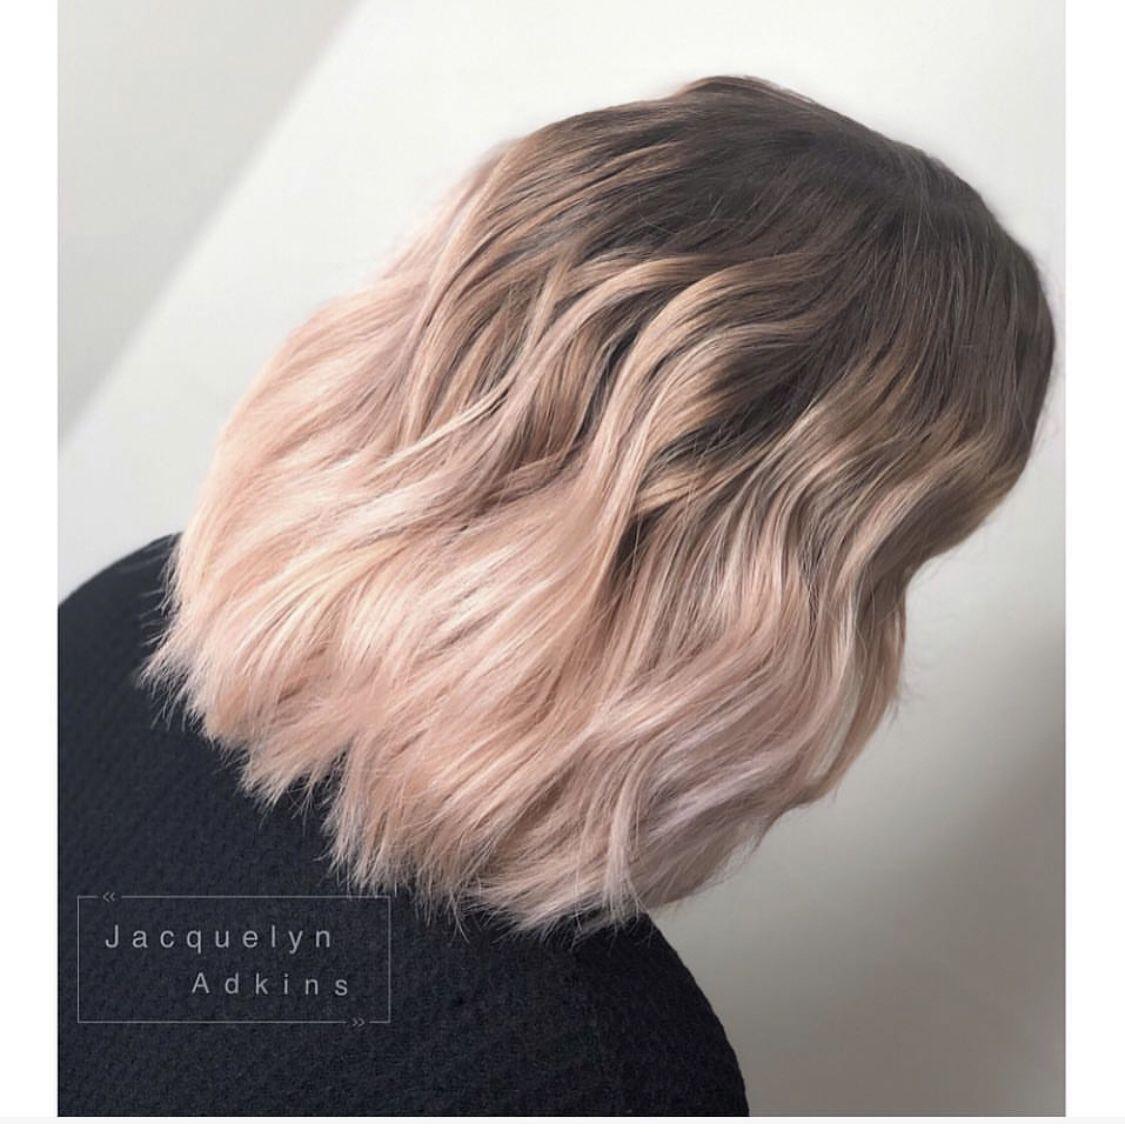 Follow Me On Instagram Unevneib Dark Root Soft Pink Ends Hair Short Hair Light Rose Hair Rose Gold Wavy Hair Wand Cur Light Pink Hair Pink Hair Dye Light Hair